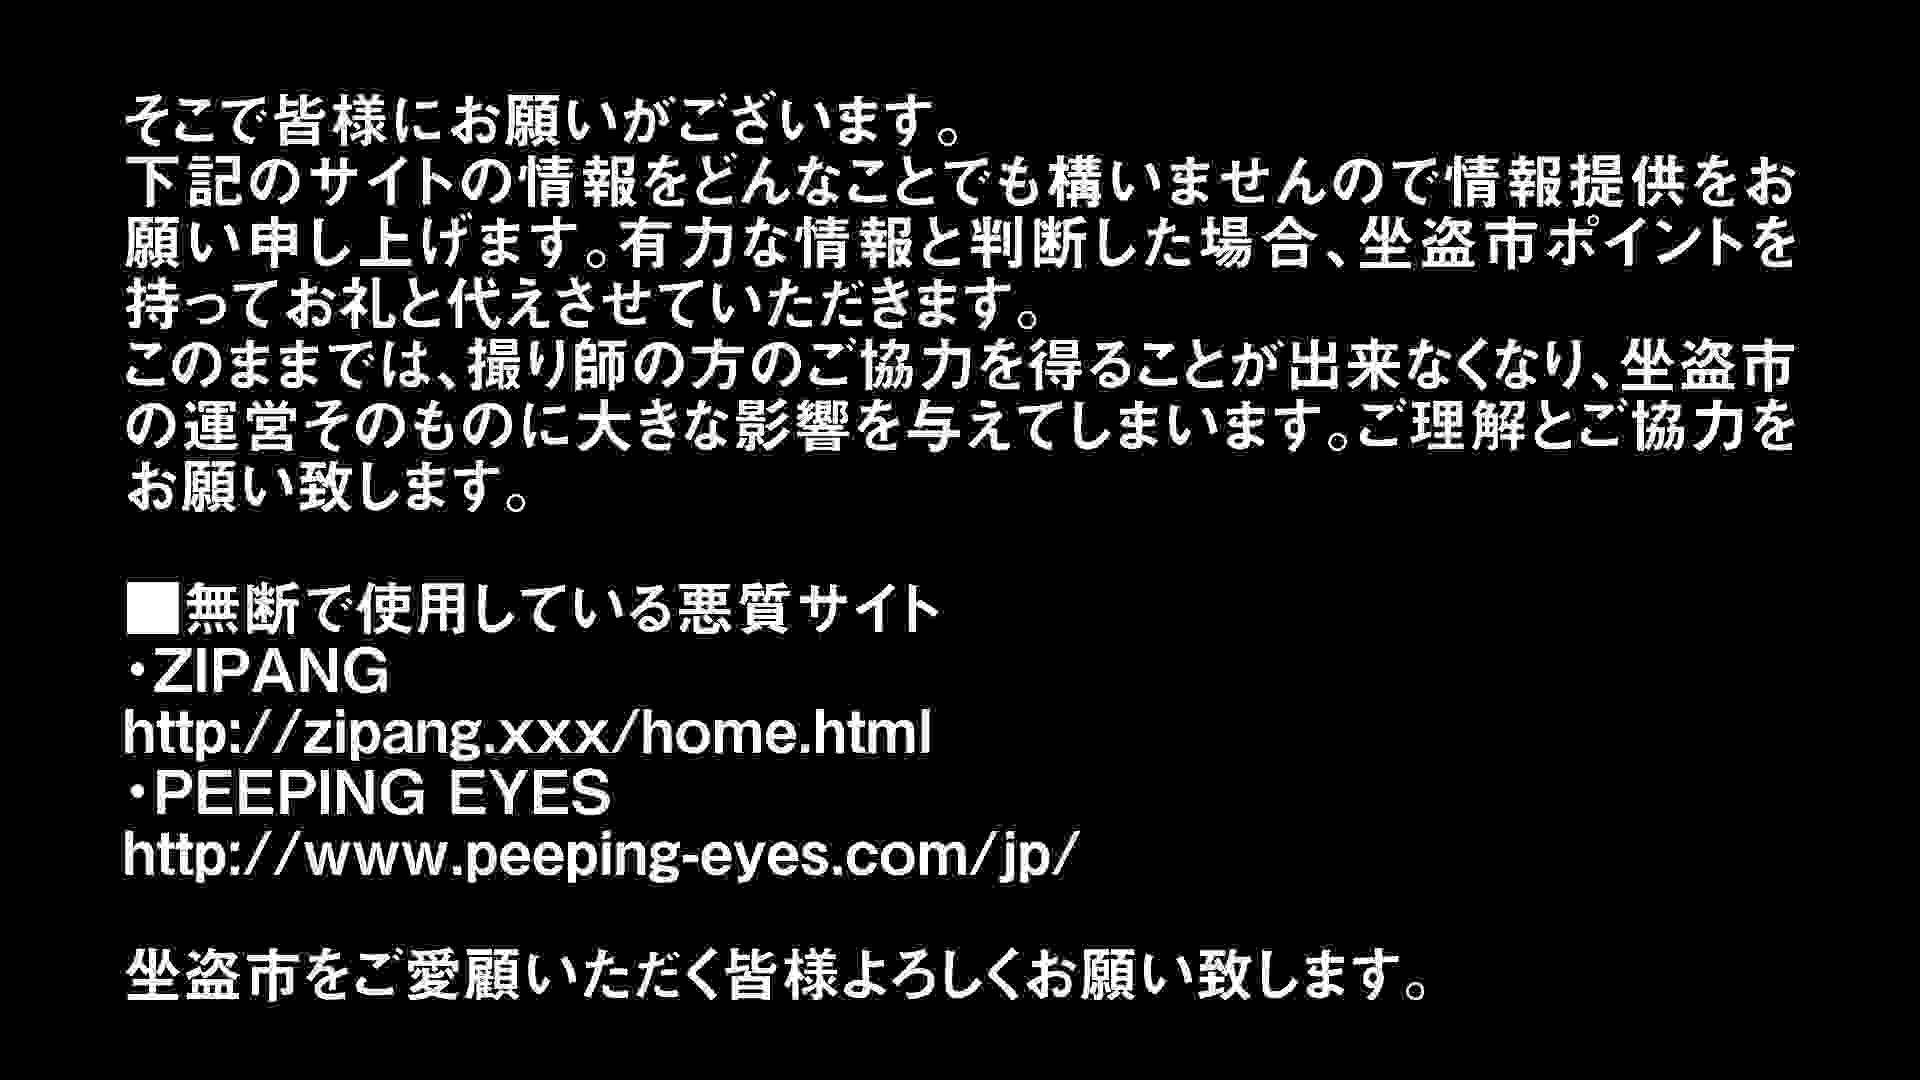 Aquaな露天風呂Vol.297 OLエロ画像  99PICs 42